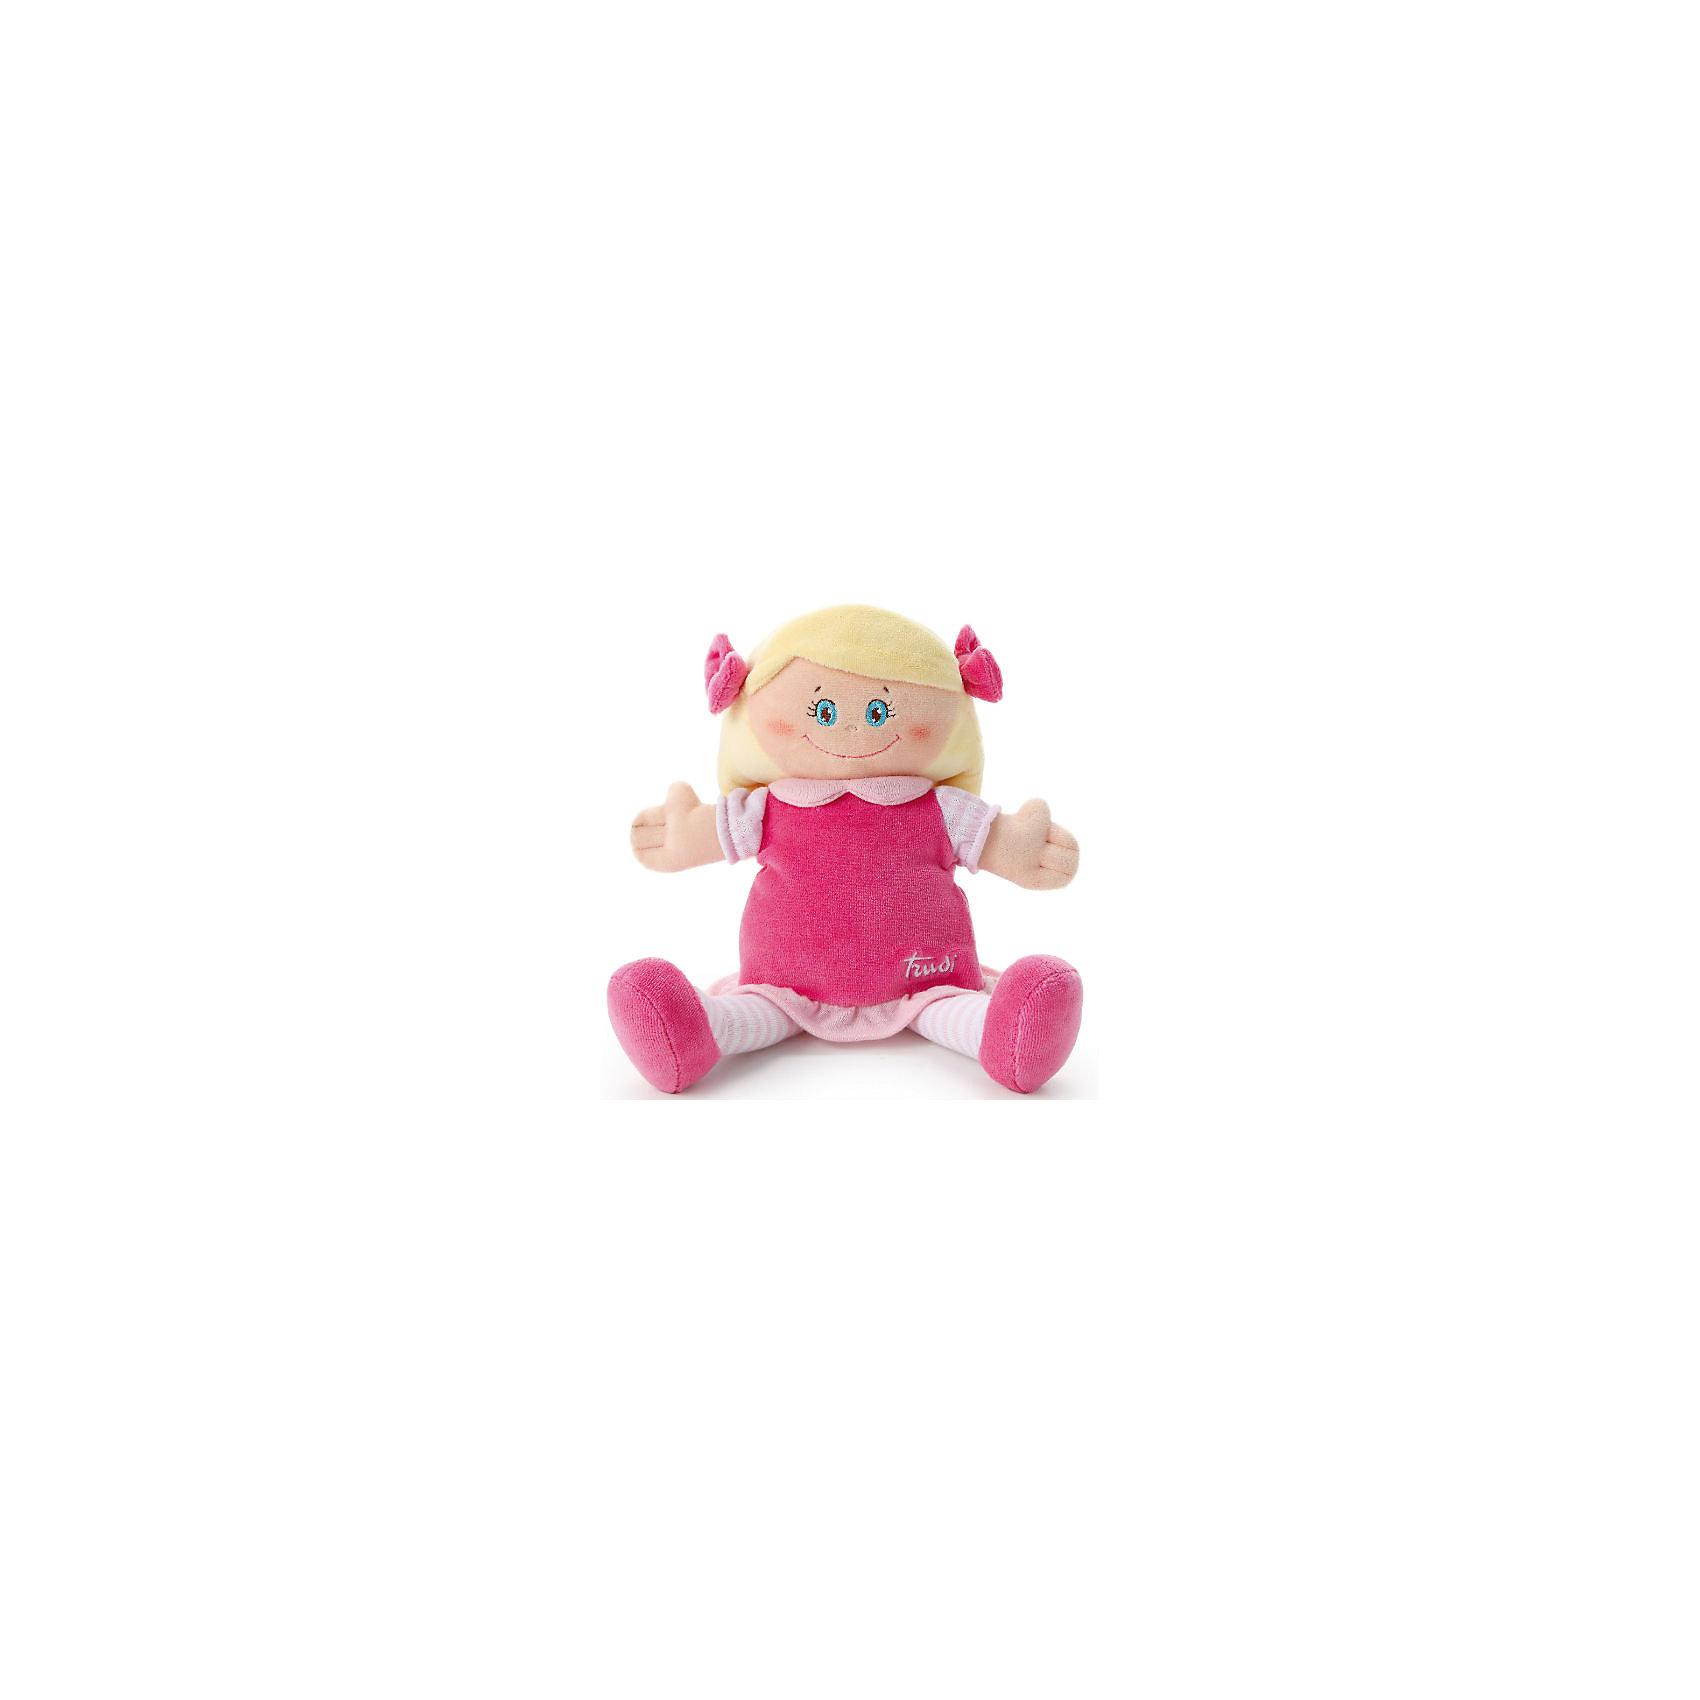 Мягкая кукла в малиновом платье, 24 см, TrudiМягкие куклы<br>Мягкая кукла в малиновом платье, 24 см. от популярного итальянского бренда Trudi (Труди) станет первой подругой малыша с самого рождения. Кукла изготовлена из безопасных материалов, не содержит мелких деталей и разработана специально для новорожденных. Приятные оттенки малинового придут по вкусу крохе, а красивые голубые глаза убеждают в том, что кукла будто живая. Детишки постарше смогут играть с куклой в дочки-матери и отрабатывать социальные навыки. Игрушка-кукла поможет развить воображение, навыки общения, моторику рук, а также тактильное и цветовое восприятие.   <br>Дополнительная информация:<br><br>- Состав: текстиль<br>- Размер: 24 см. <br><br>Мягкую куклу в малиновом платье, 24 см, Trudi (Труди) можно купить в нашем интернет-магазине.<br>Подробнее:<br>• Для детей в возрасте: от 0 месяцев <br>• Номер товара: 5055274<br>Страна производитель: Китай<br><br>Ширина мм: 135<br>Глубина мм: 90<br>Высота мм: 240<br>Вес г: 130<br>Возраст от месяцев: -2147483648<br>Возраст до месяцев: 2147483647<br>Пол: Женский<br>Возраст: Детский<br>SKU: 5055274